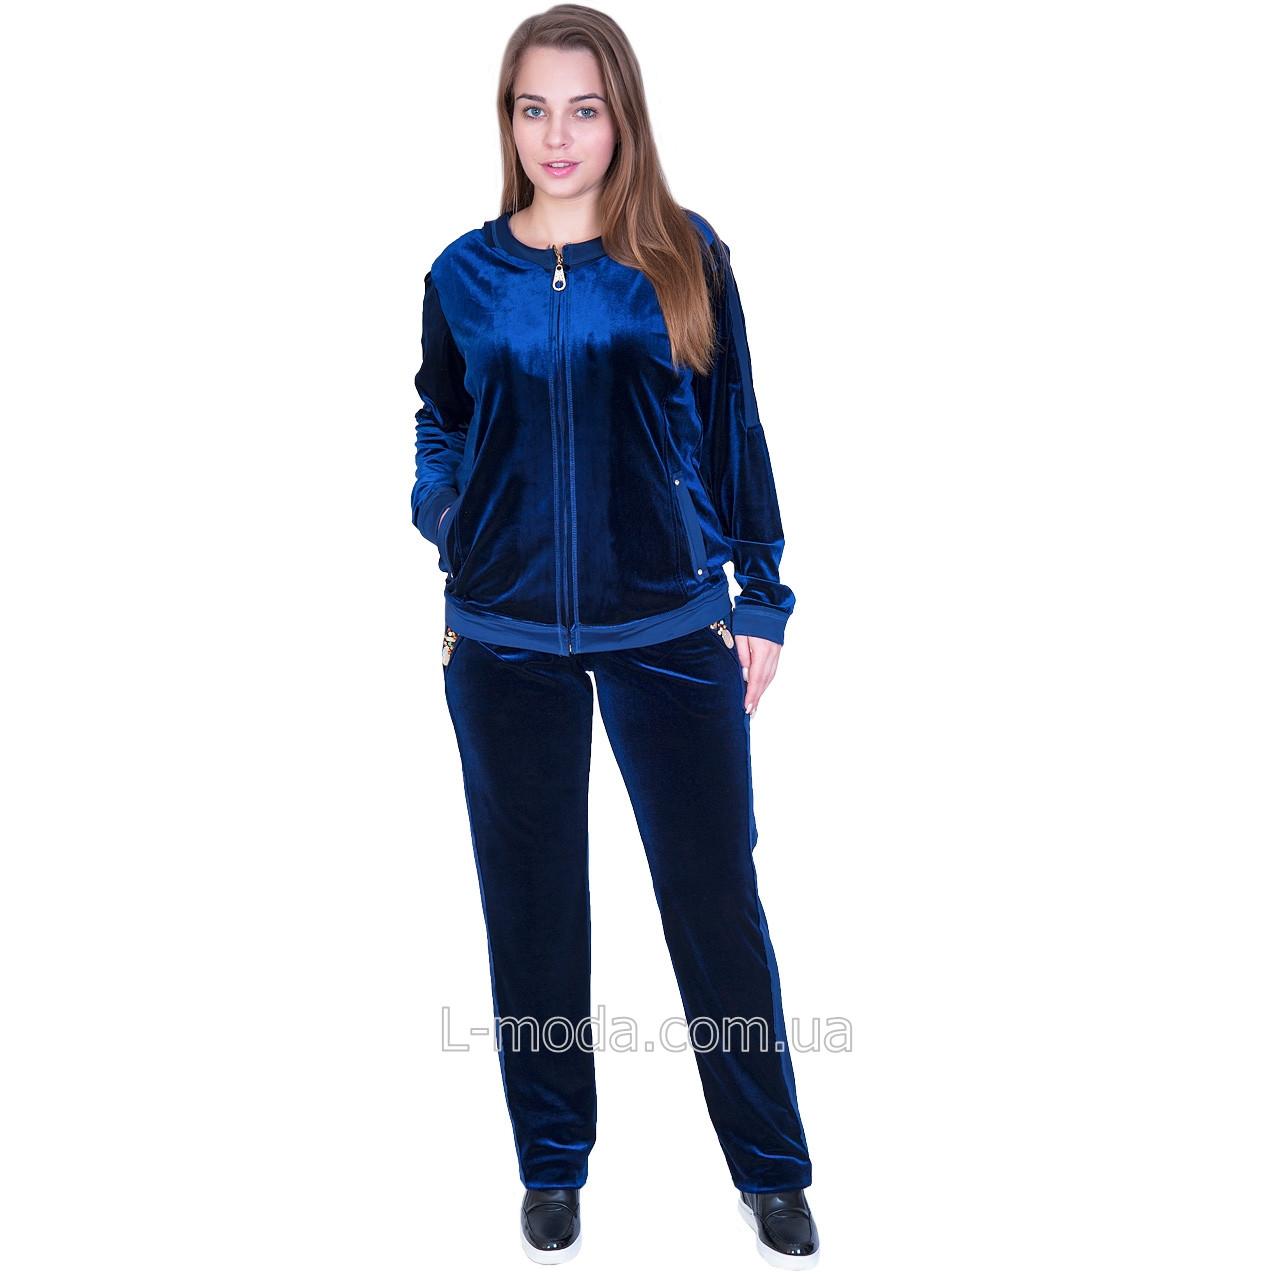 ea118b59a981 Спортивный костюм велюровый женский синий с камнями  продажа, цена в ...